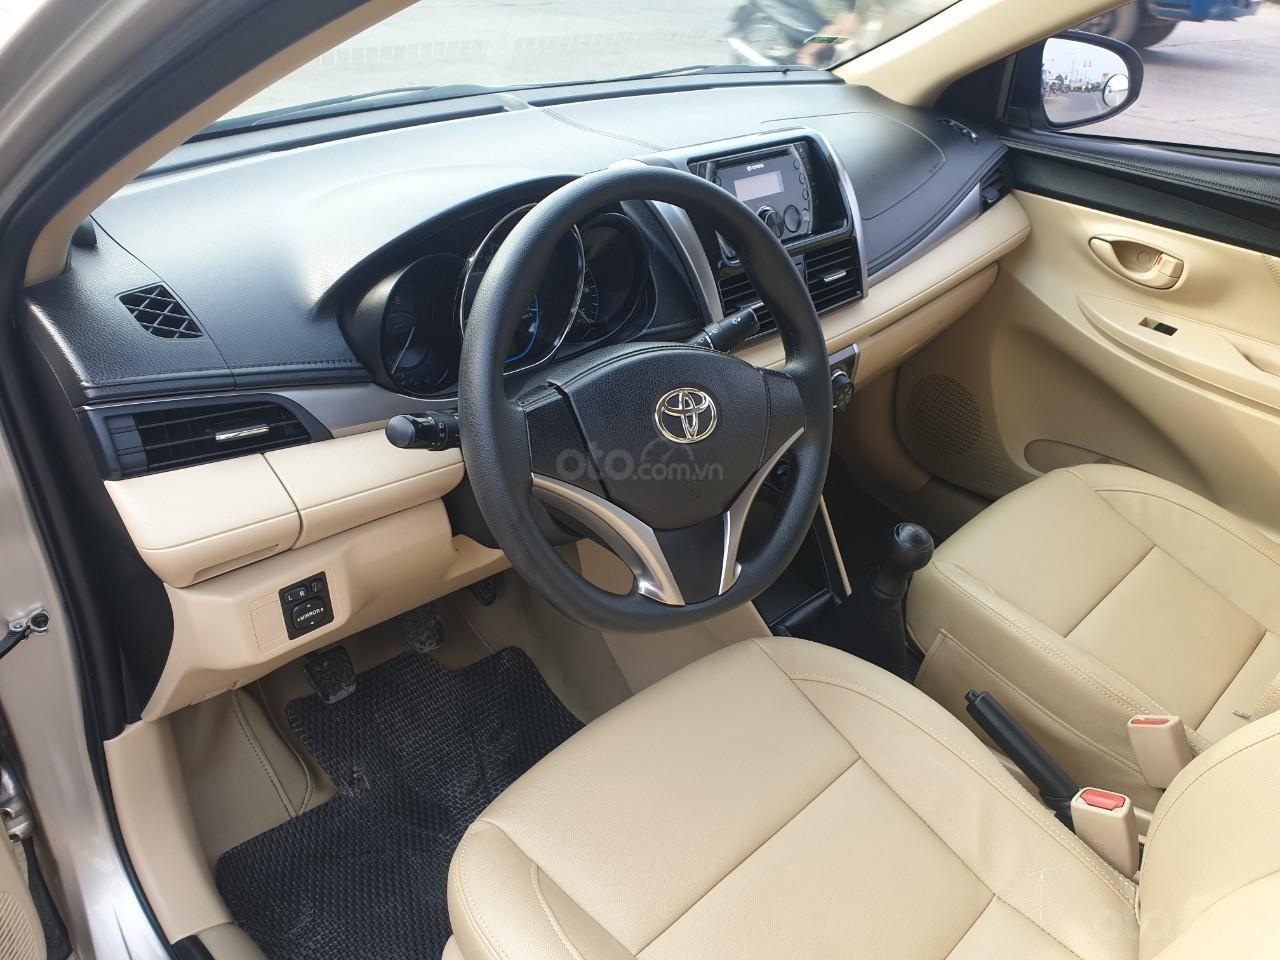 Bán Toyota Vios sản xuất 2015 (4)